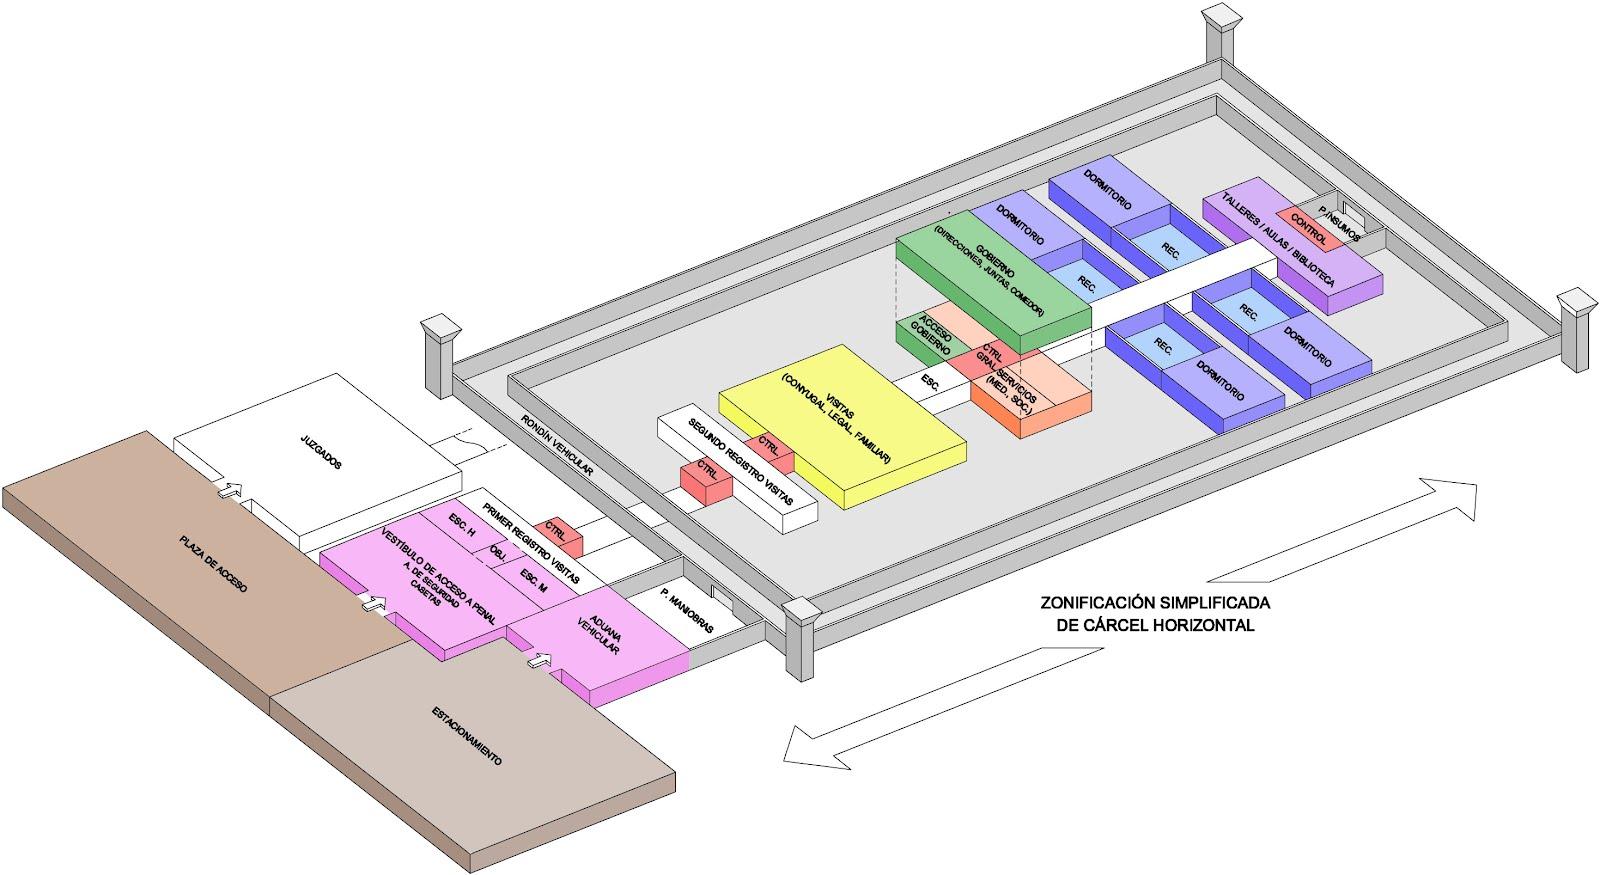 Proceso diagramas zonificaciones y volumetr a prisi n for Zonificacion arquitectonica